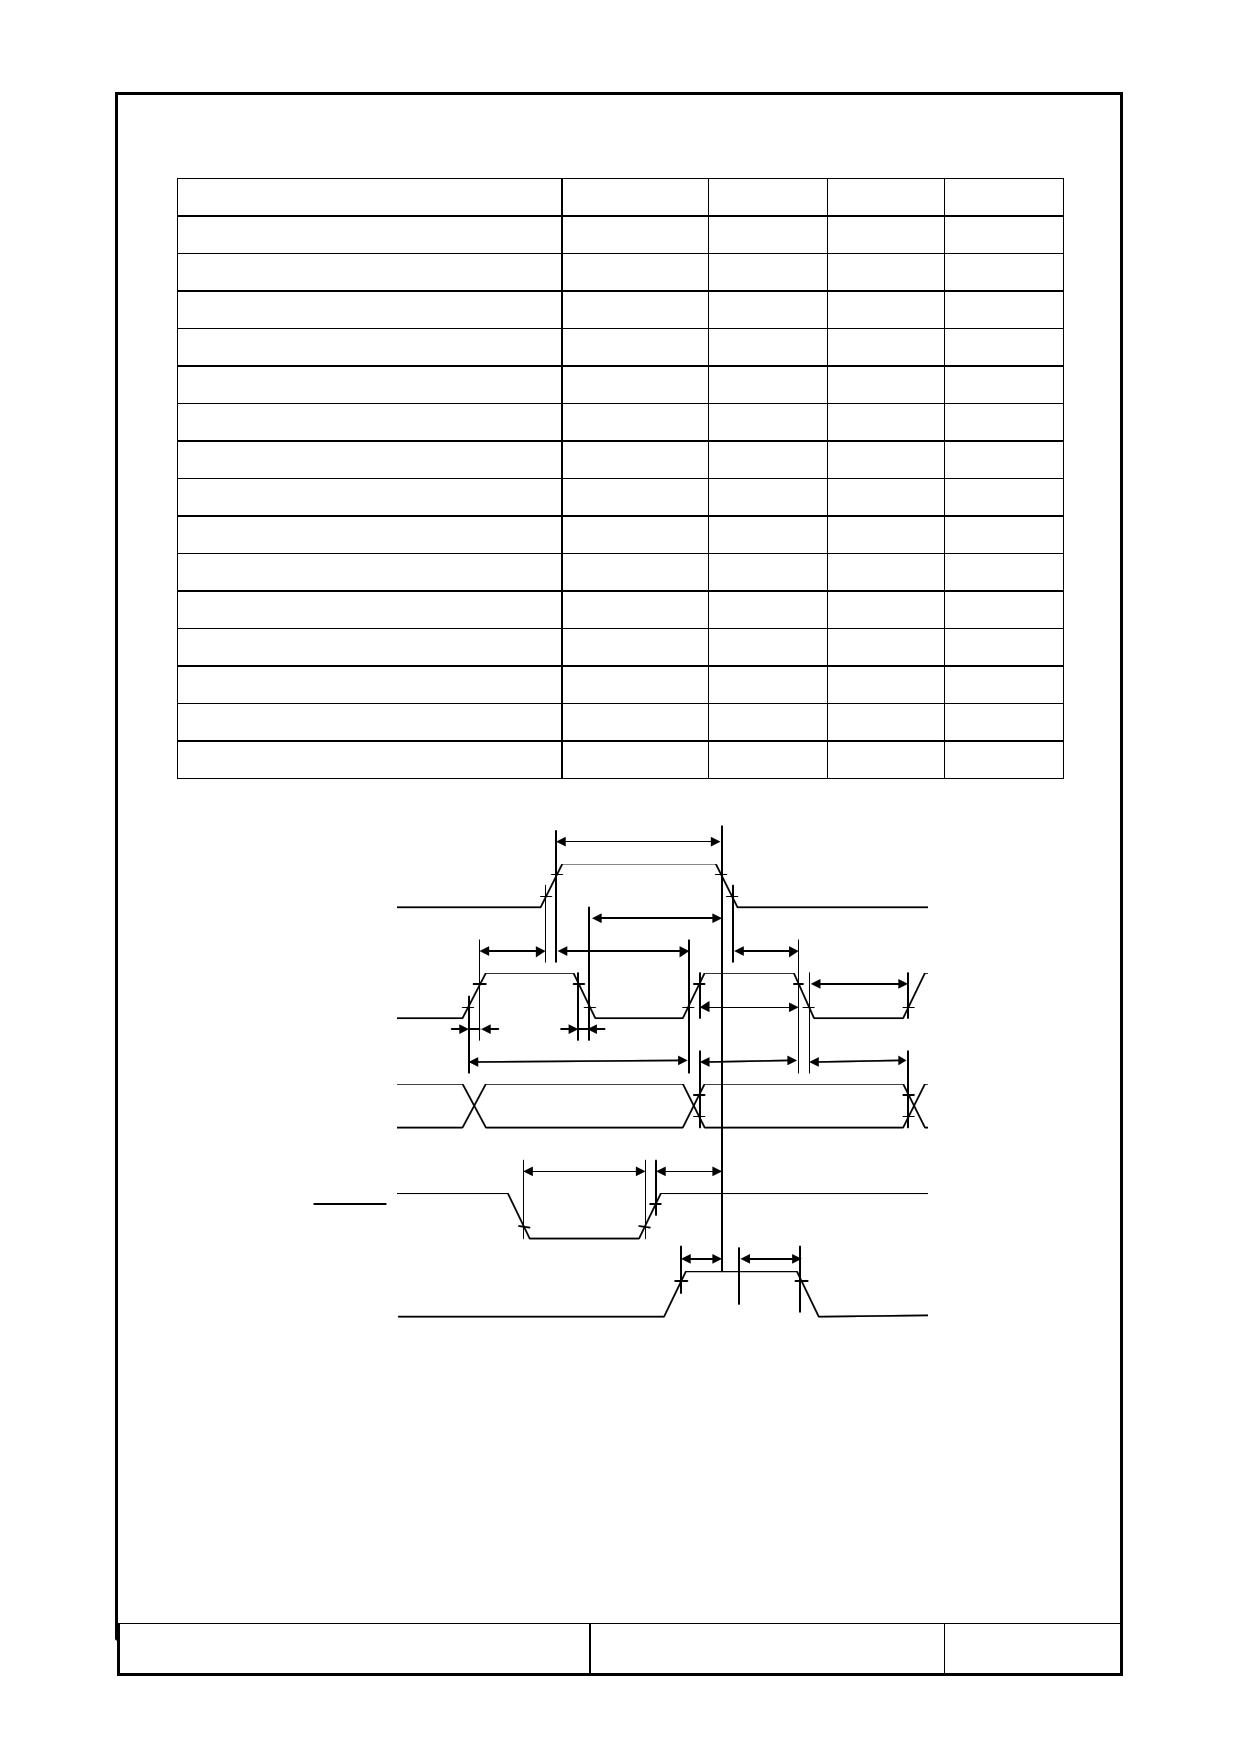 F-51900NCU-FW-AC pdf